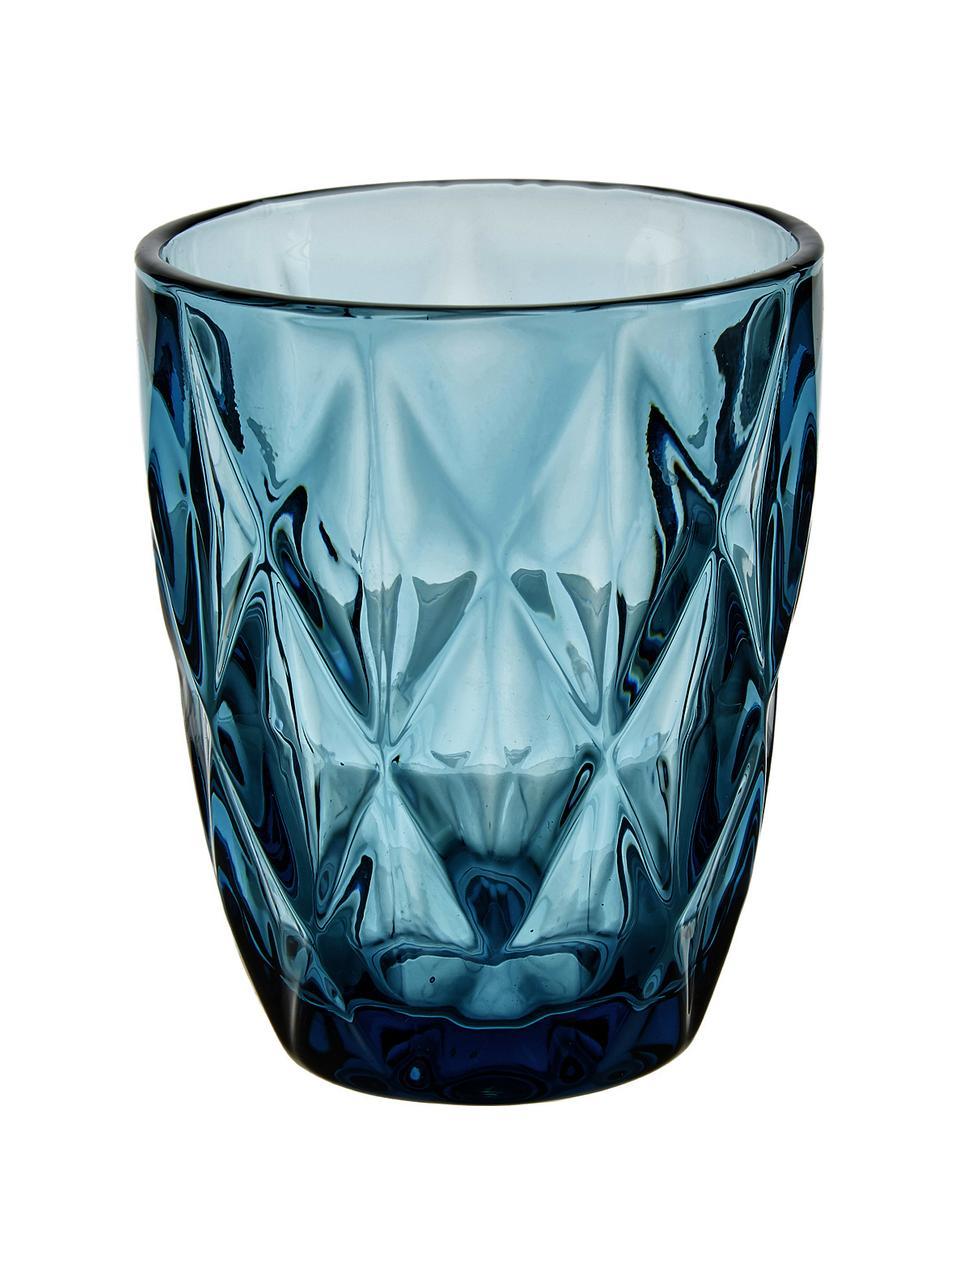 Szklanka do wody Colorado, 4 szt., Szkło, Niebieski, transparentny, Ø 8 x W 10 cm